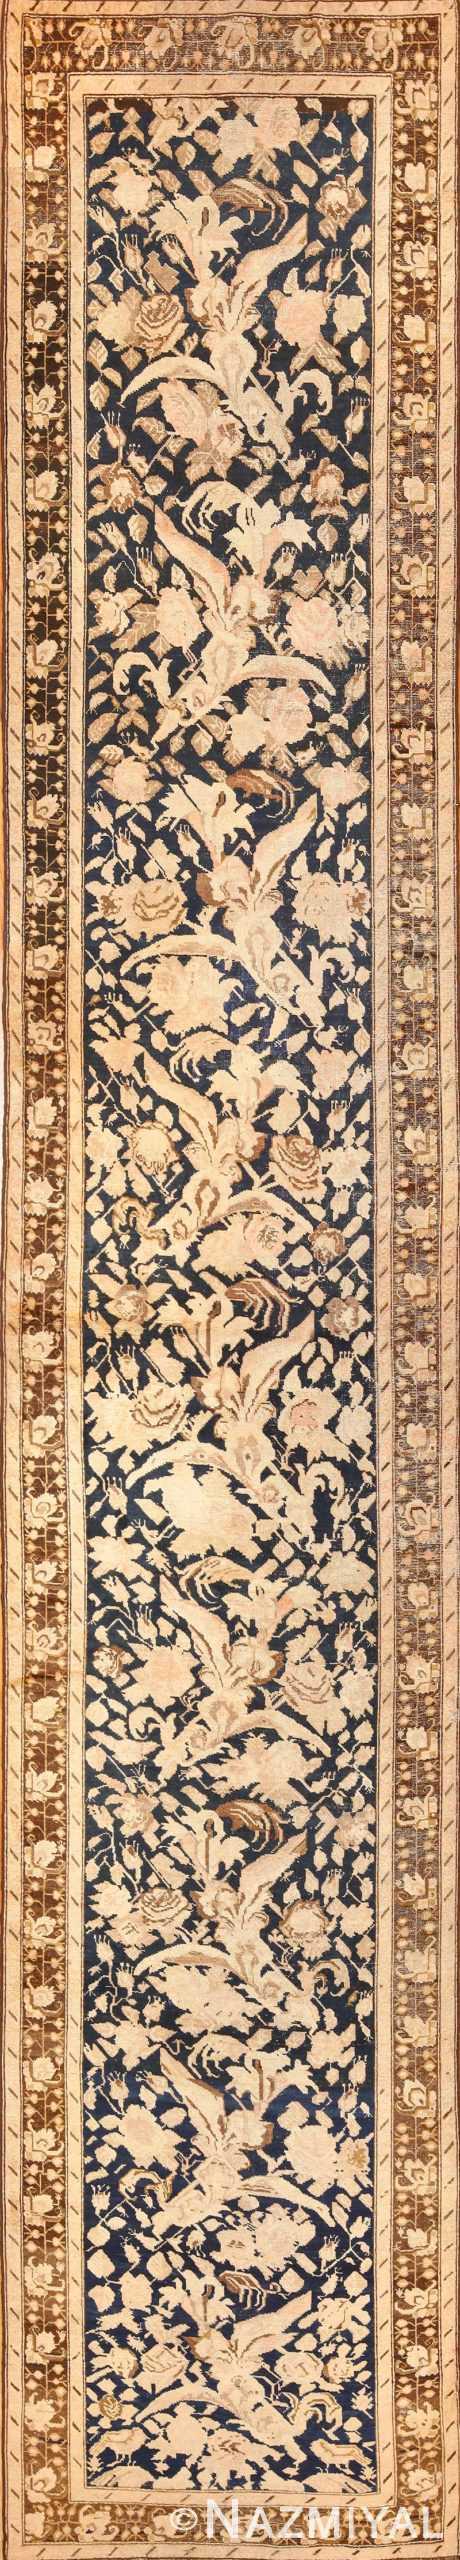 antique karabagh runner rug 44441 Nazmiyal